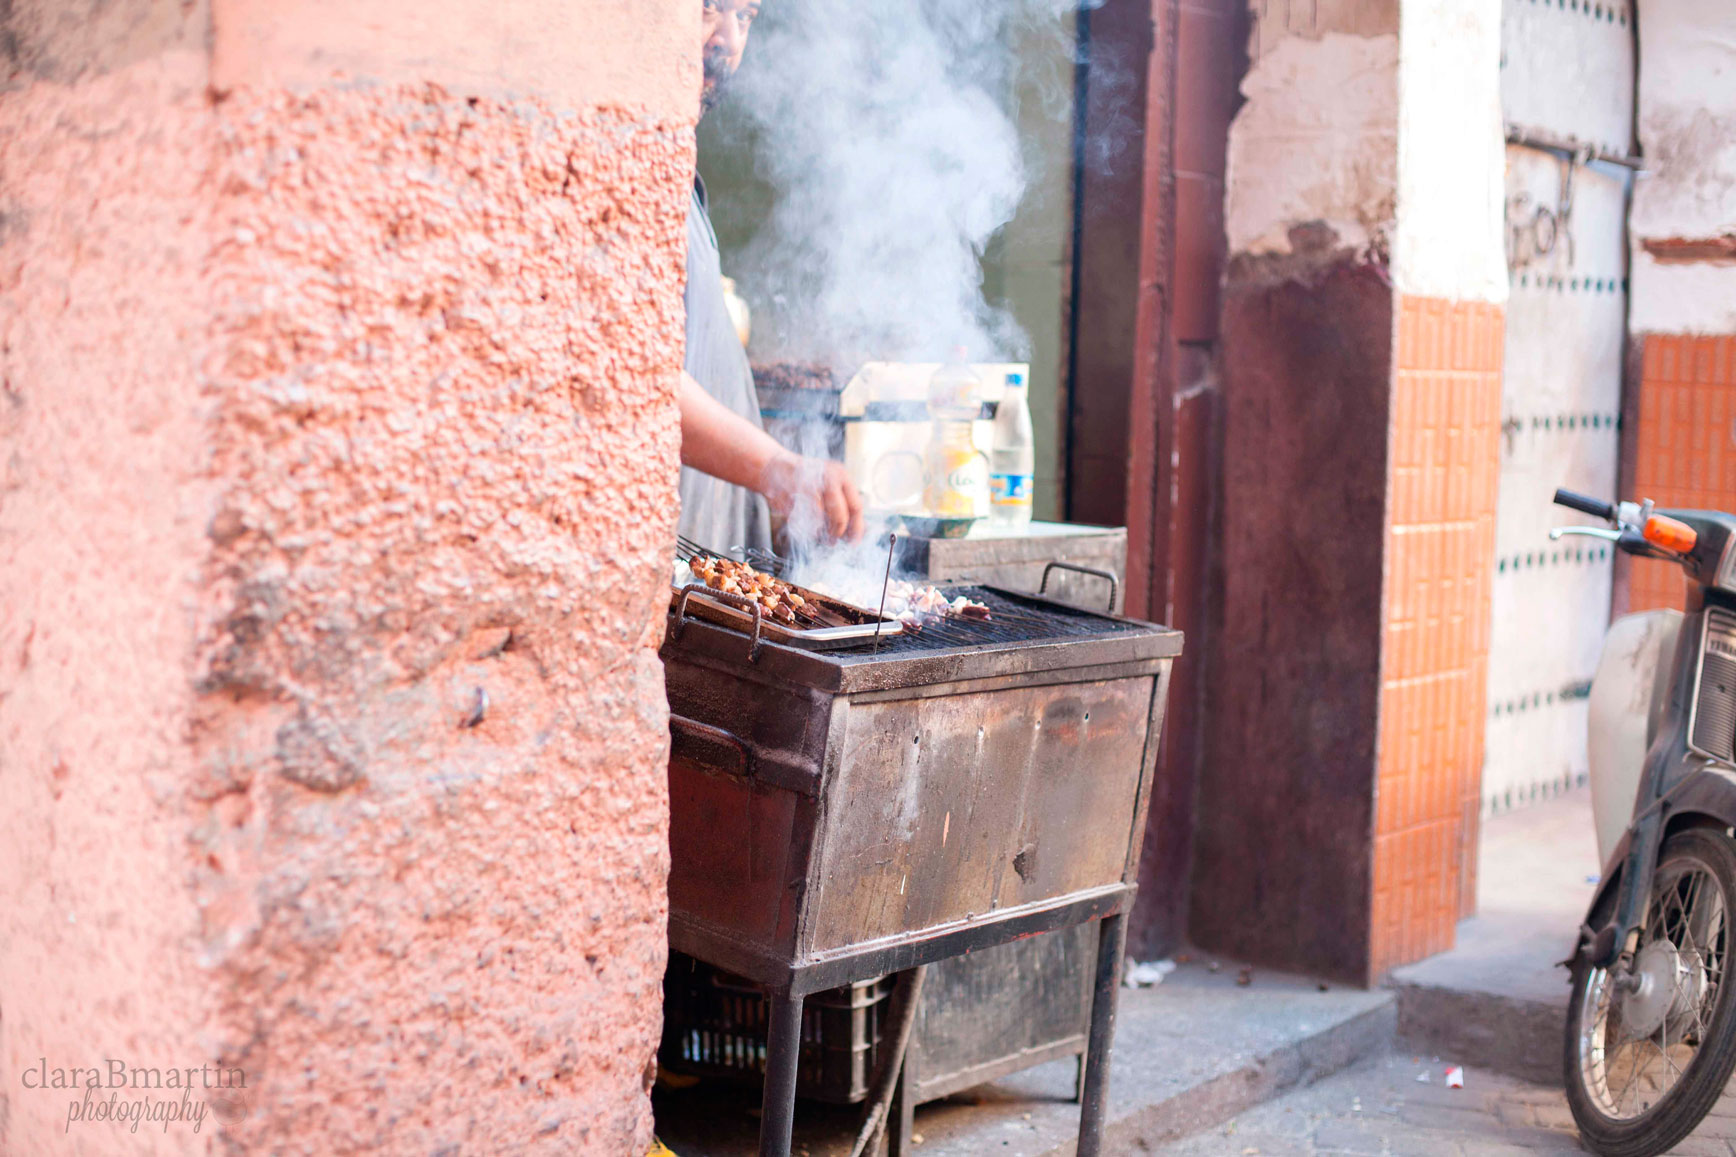 Marrakech_claraBmartin_03